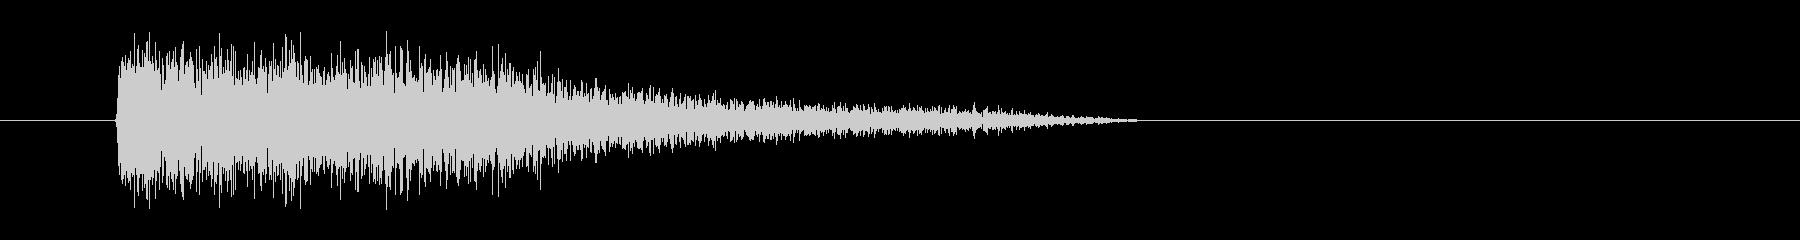 レーザー音-79-3の未再生の波形